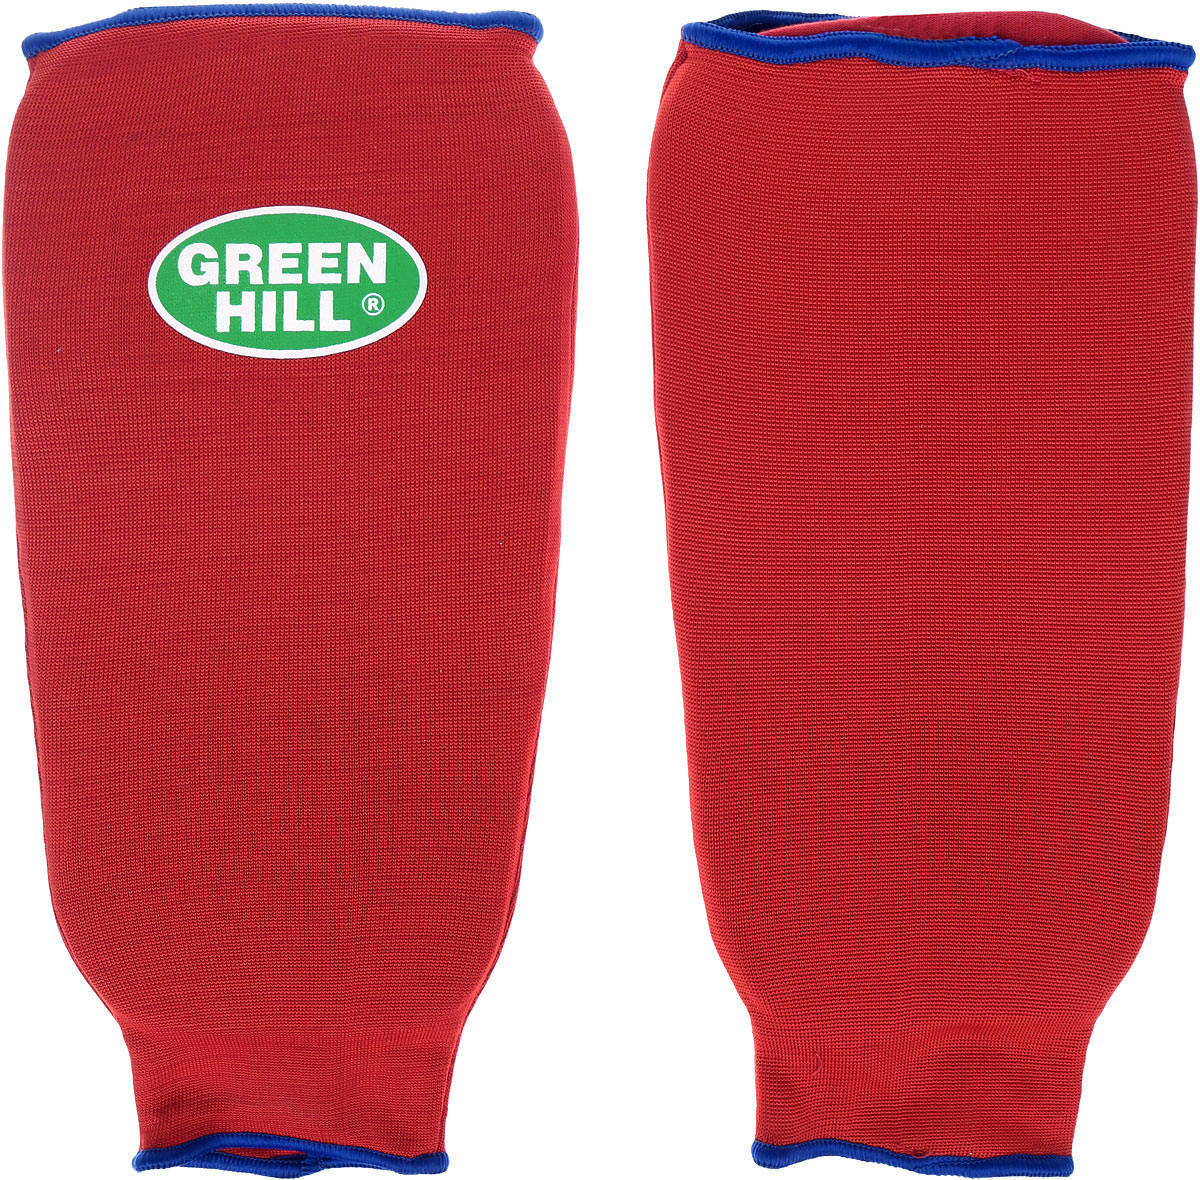 Защита голени Green Hill, цвет: красный, синий. Размер L. SPC-6210AP201014Защита голени Green Hill с наполнителем, выполненным из вспененного полимера, необходима при занятияхспортом для защиты суставов от вывихов, ушибов и прочих повреждений.Накладки выполнены из высококачественного эластана и хлопка. Длина голени: 28 см. Ширина голени: 16 см.